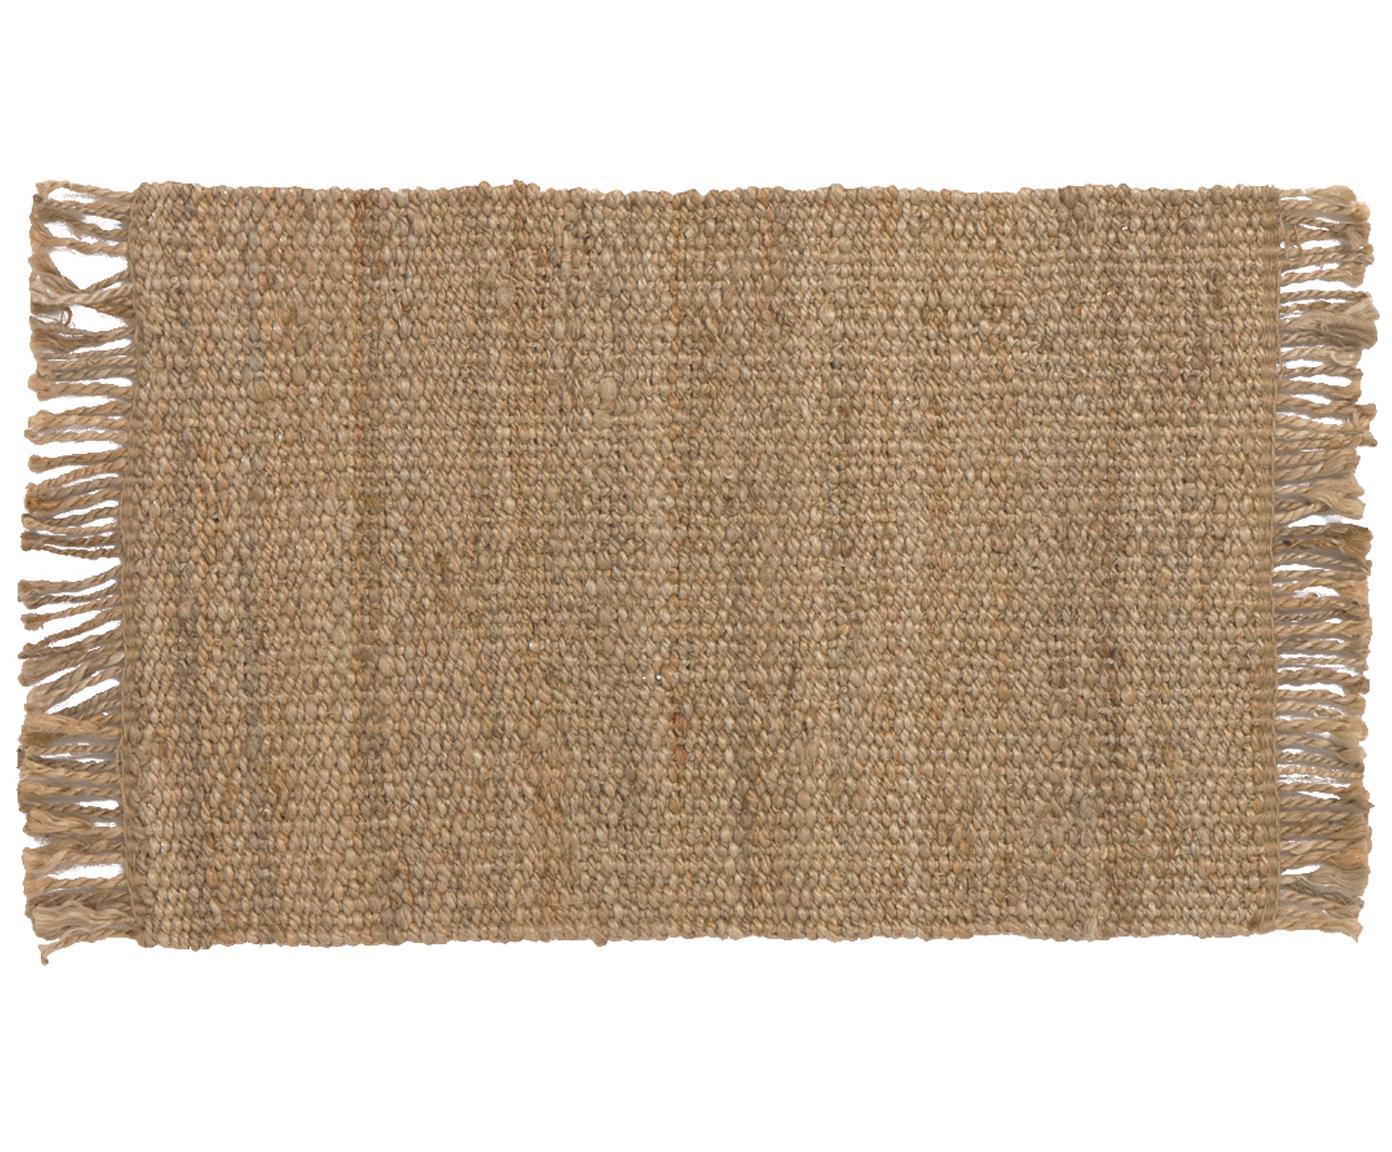 Vloerkleed Cadiz, Jute, Jutekleurig, B 60 x L 90 cm (maat XXS)